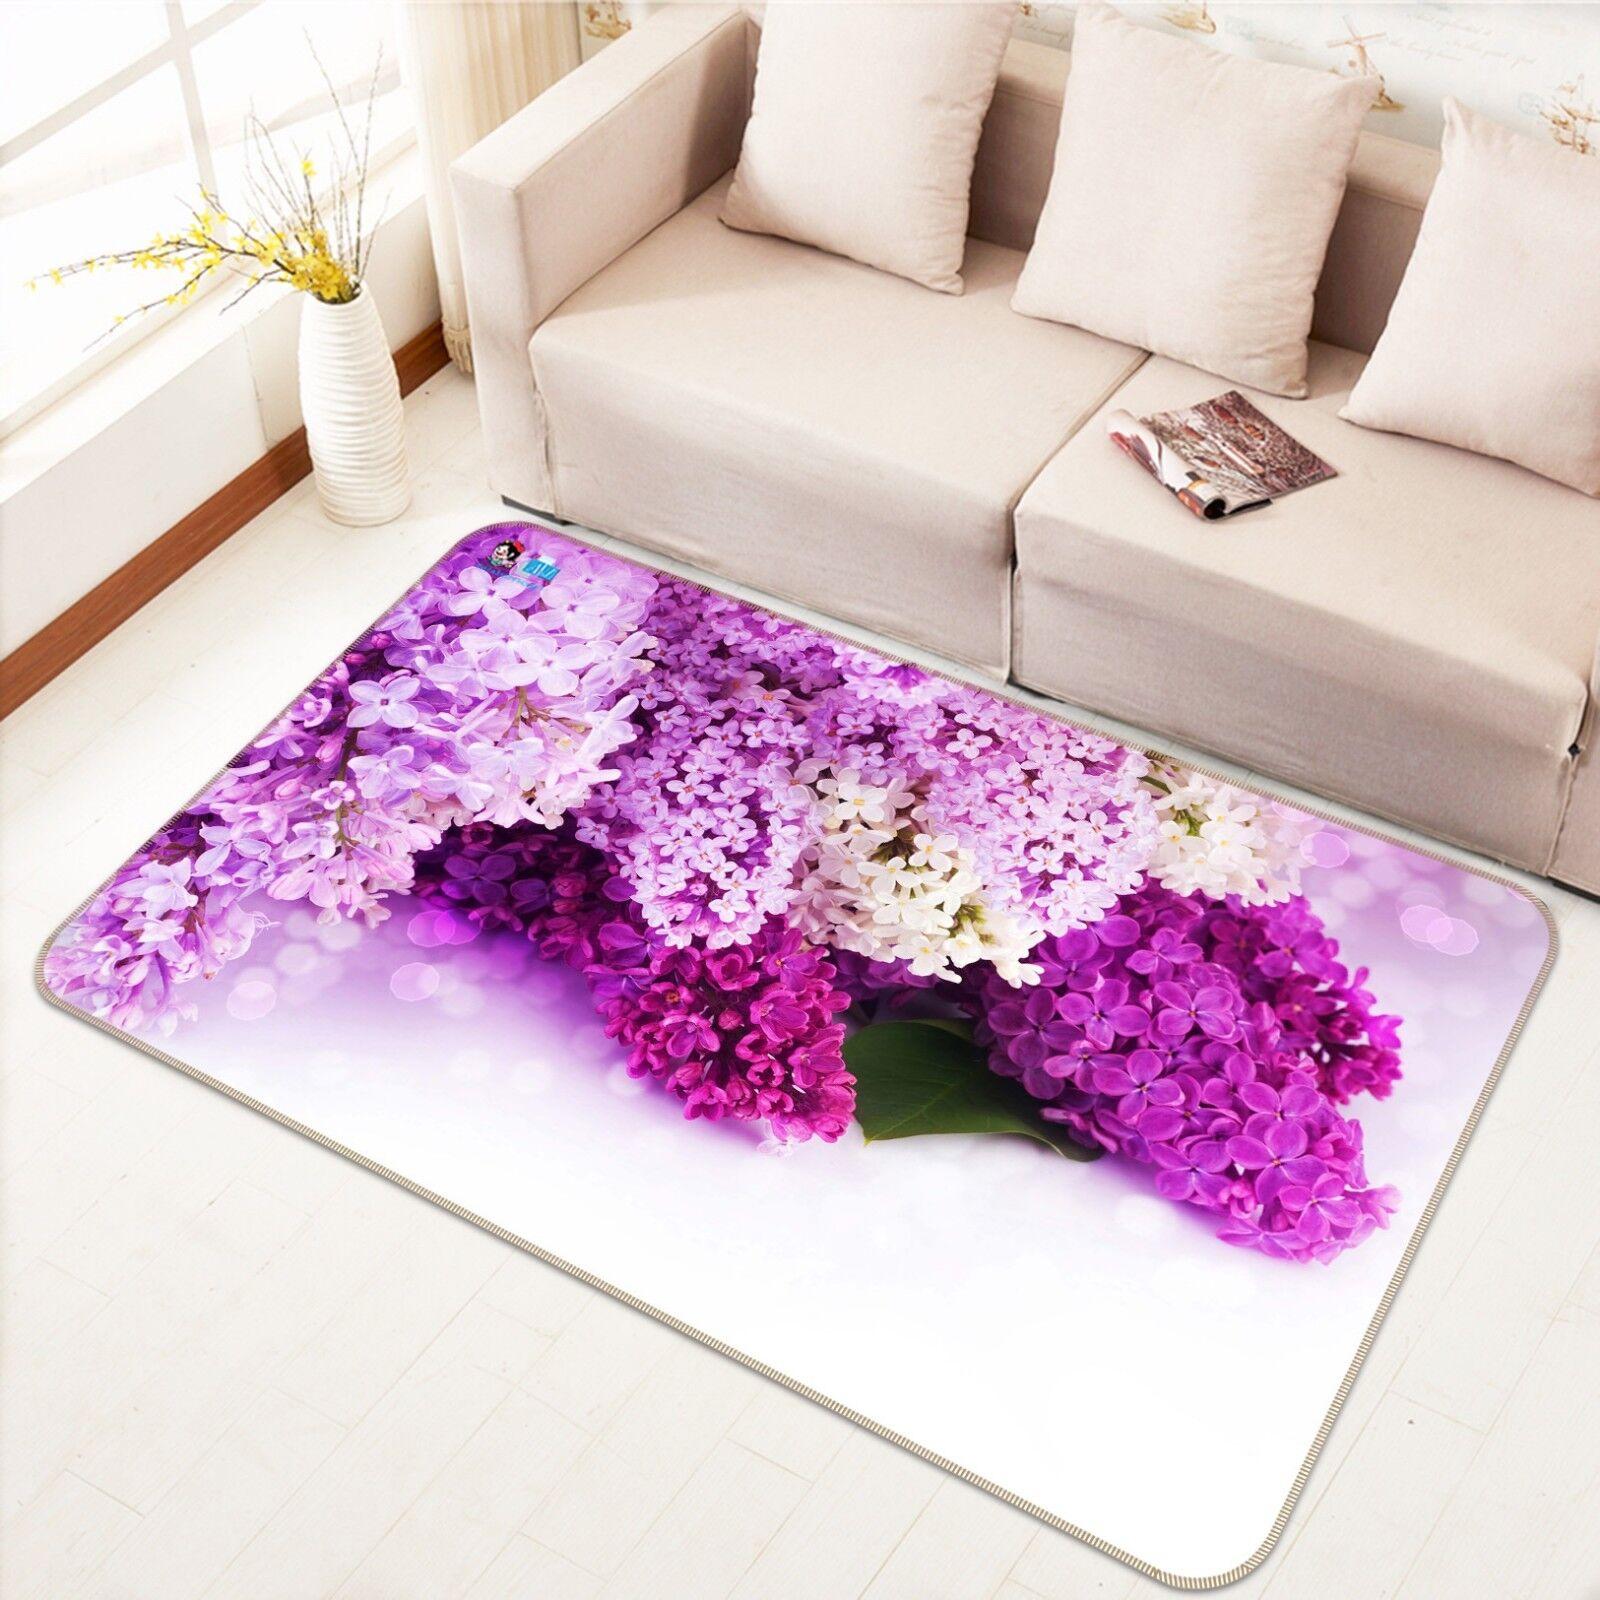 3D viola FIORI 425 tappetino antiscivolo tappeto camera Tappetino Qualità Elegante foto Tappeto UK